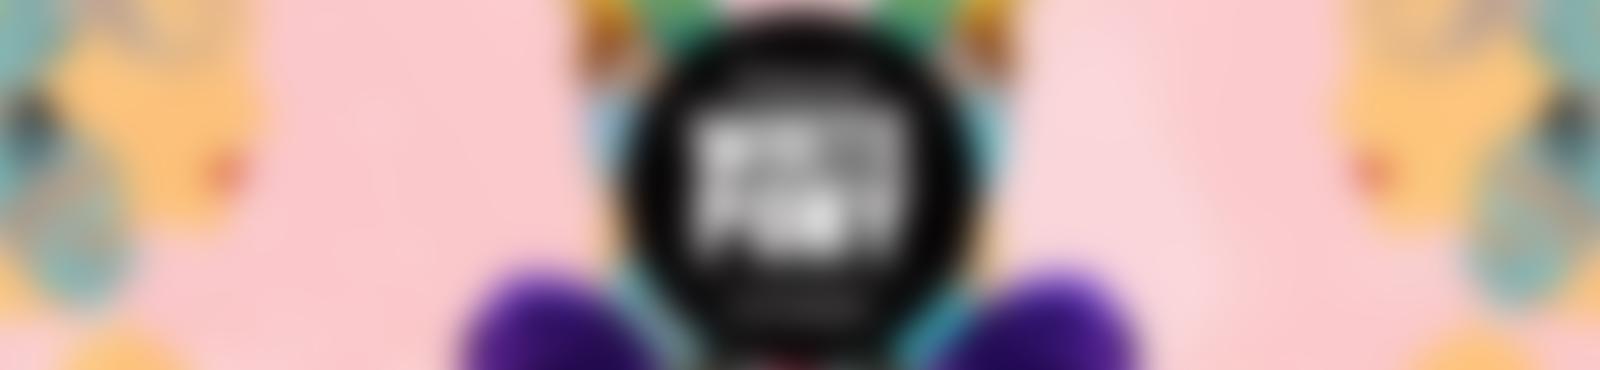 Blurred 49d0c905 9318 495e a5f9 d0620d26c8ce